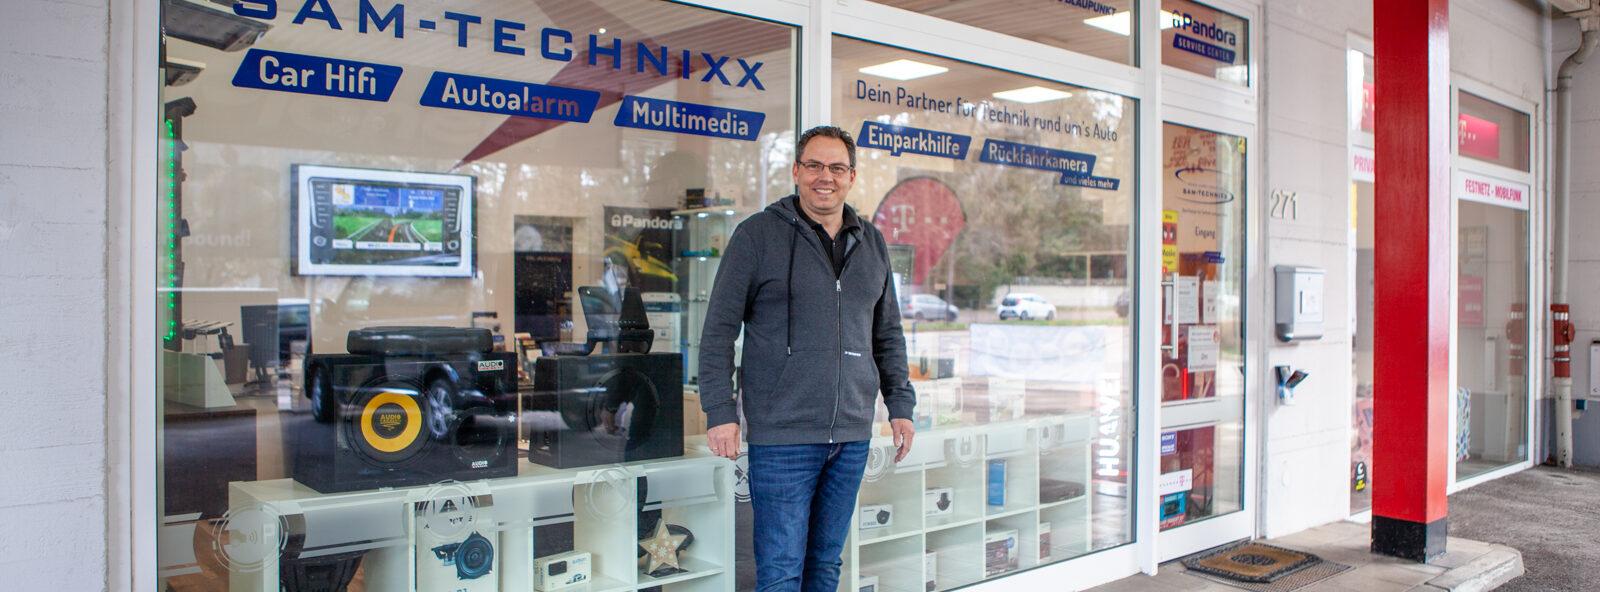 SAM-Technixx-München-Andy-Ehrenhuber-Inhaber-vor-dem-Geschäft